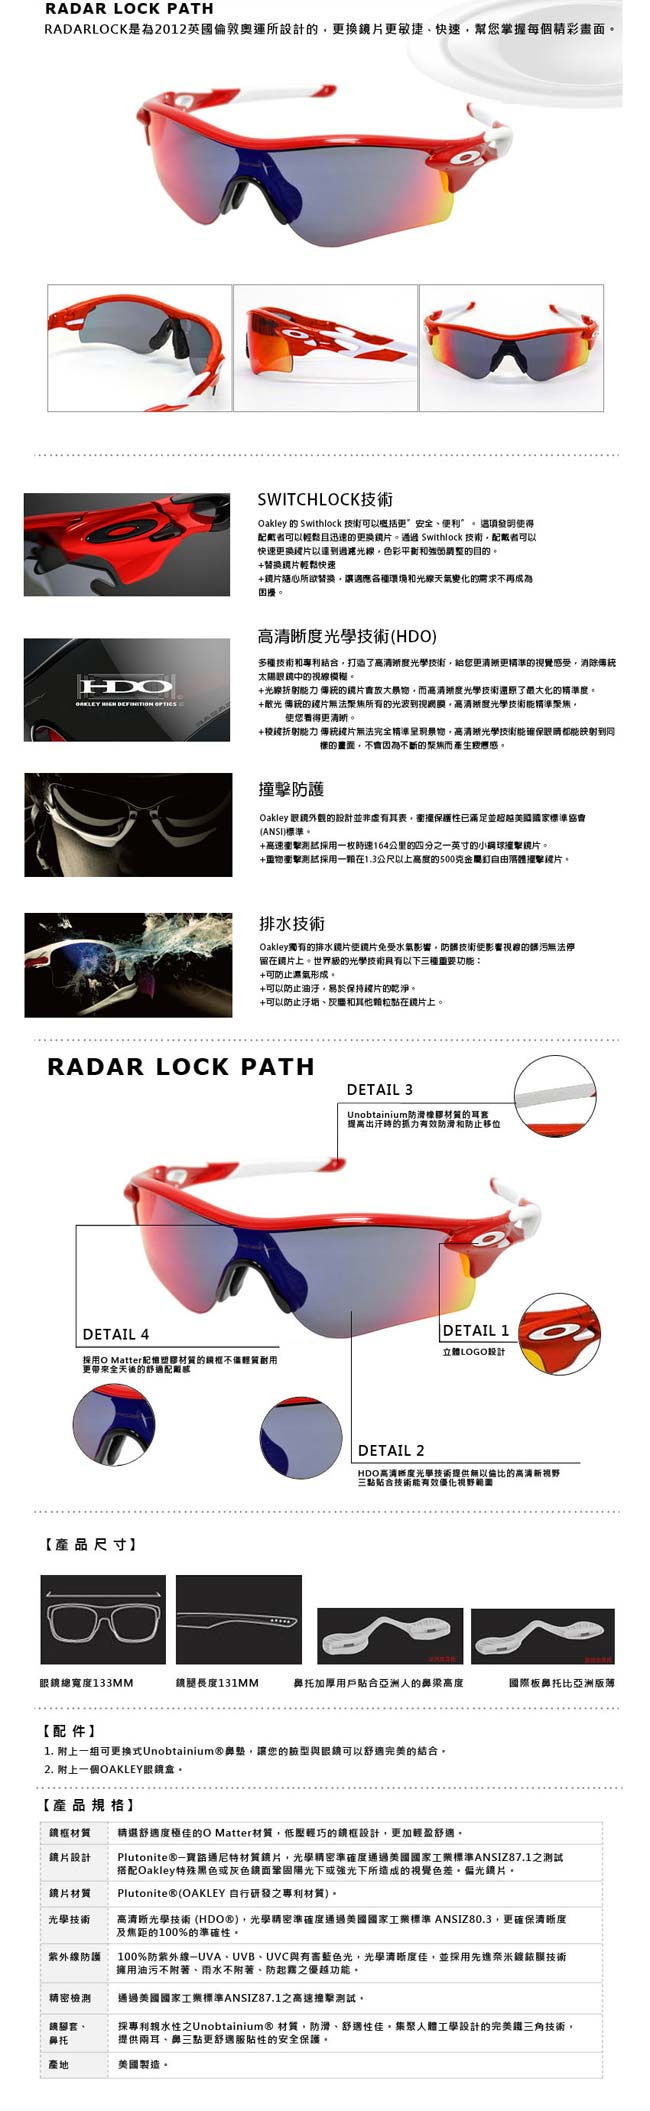 oakley radarlock cheap  oakley radarlock path